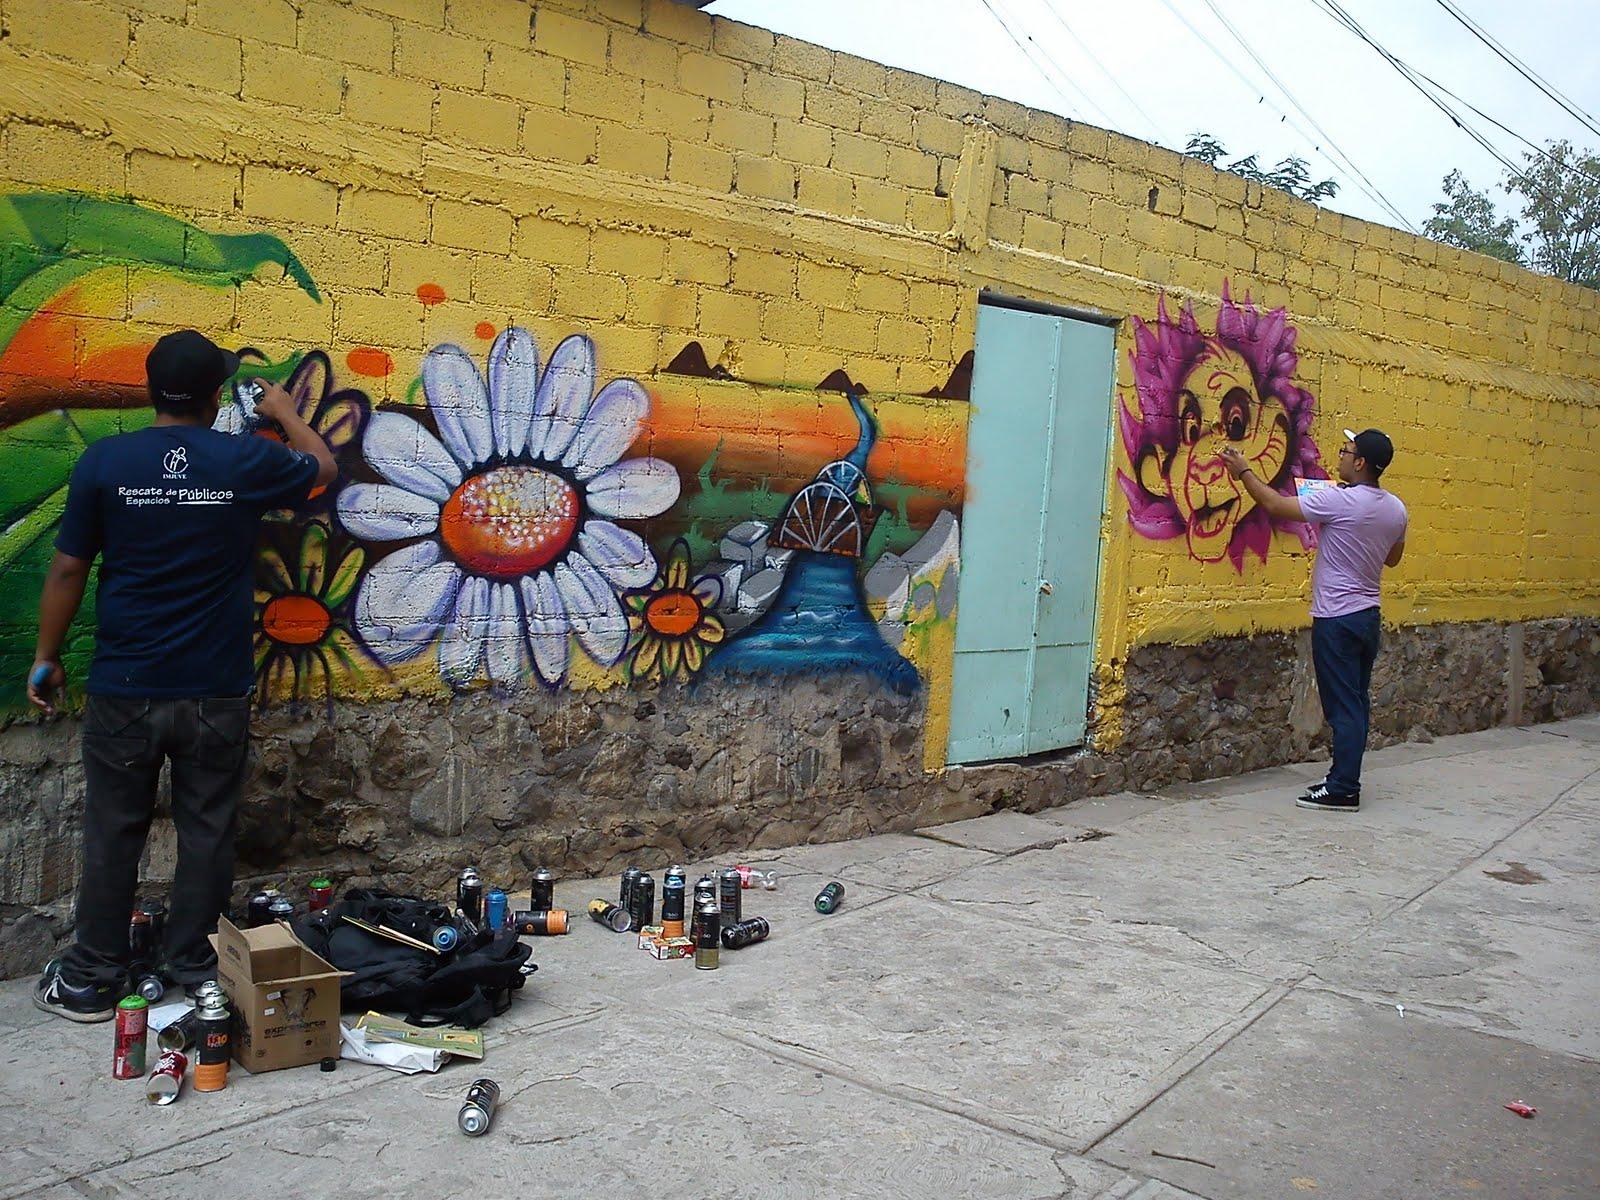 Colectivo arte express tico fotos mural a kinder patios for Arte colectivo mural